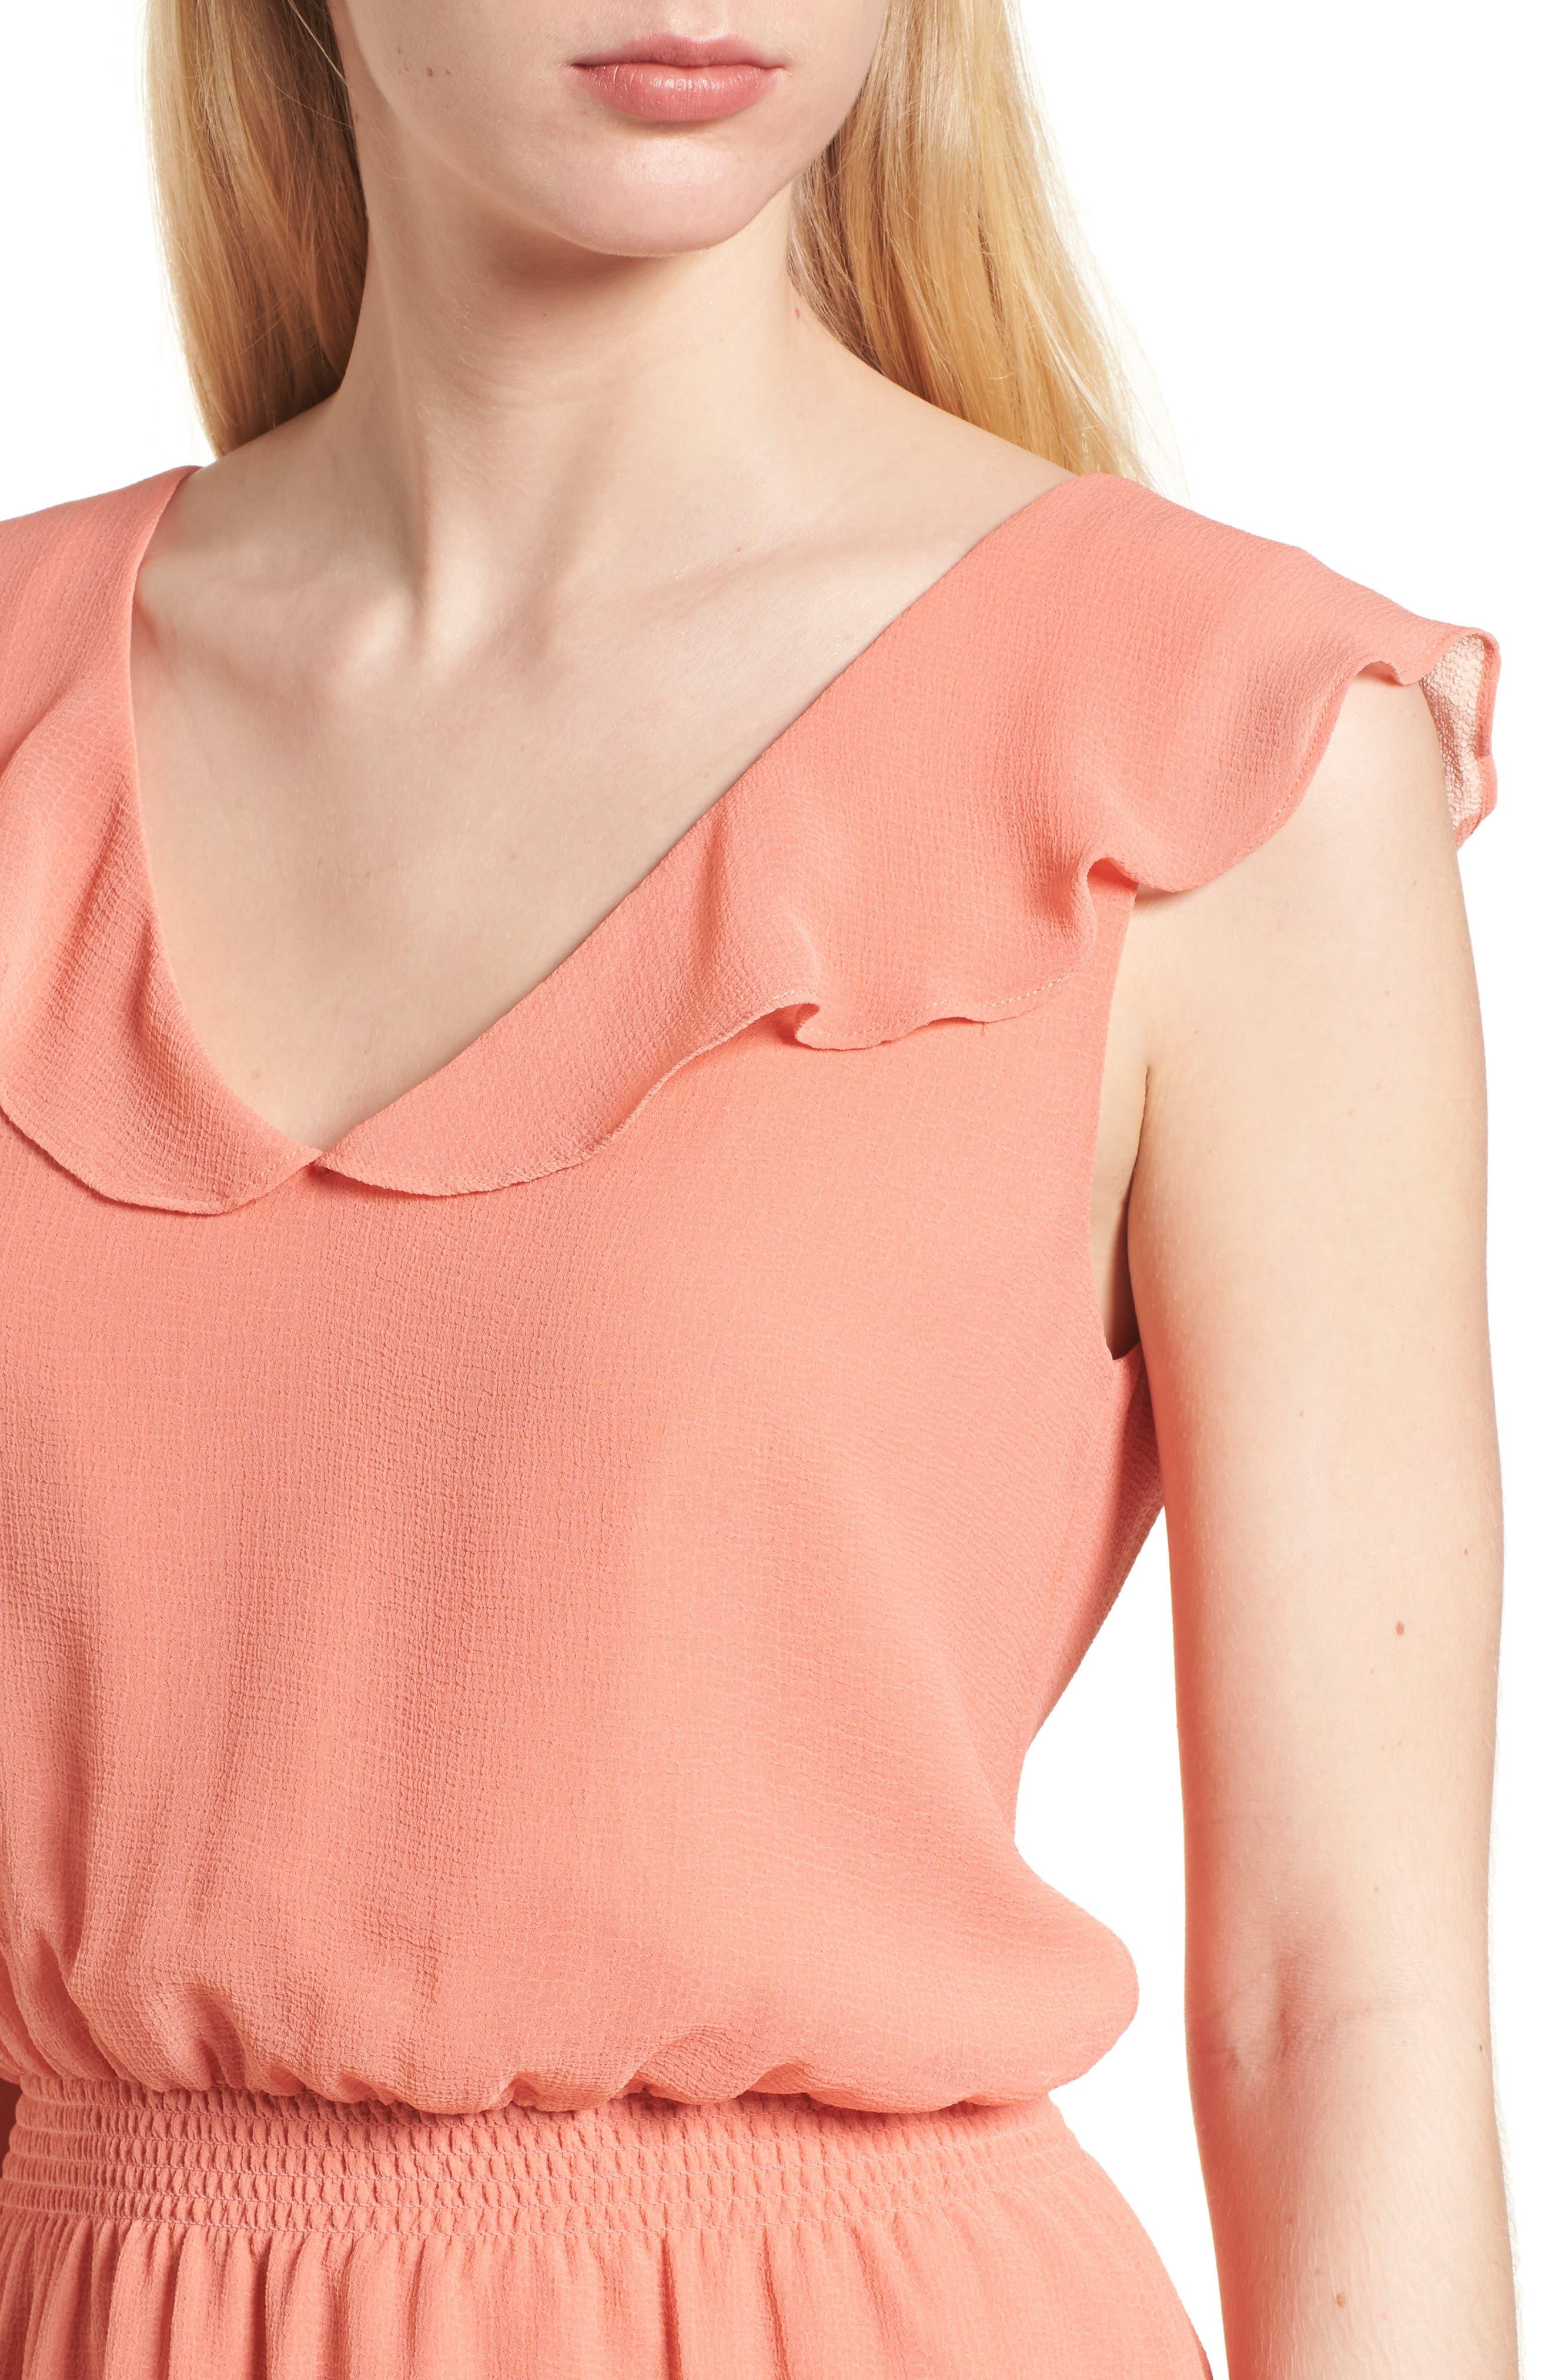 Iniko Blouson Dress,                             Alternate thumbnail 4, color,                             950